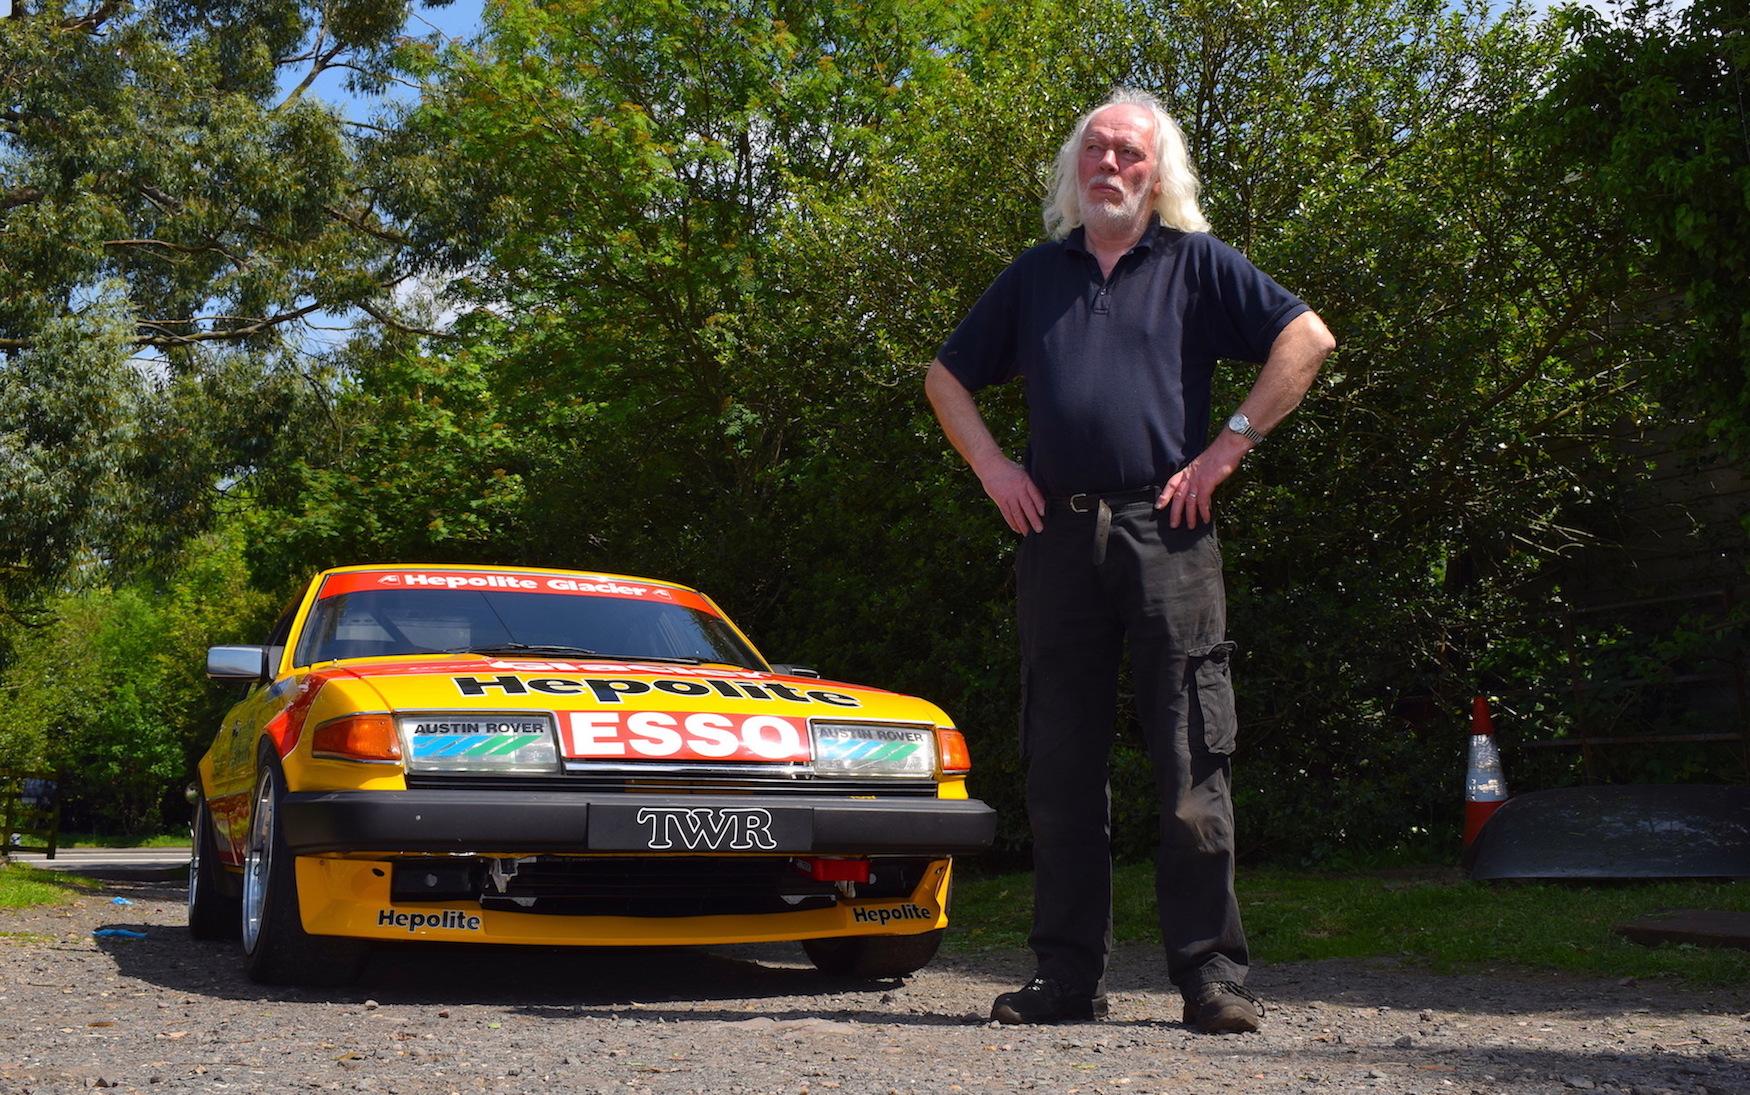 Ken Clarke Hepalite Rover